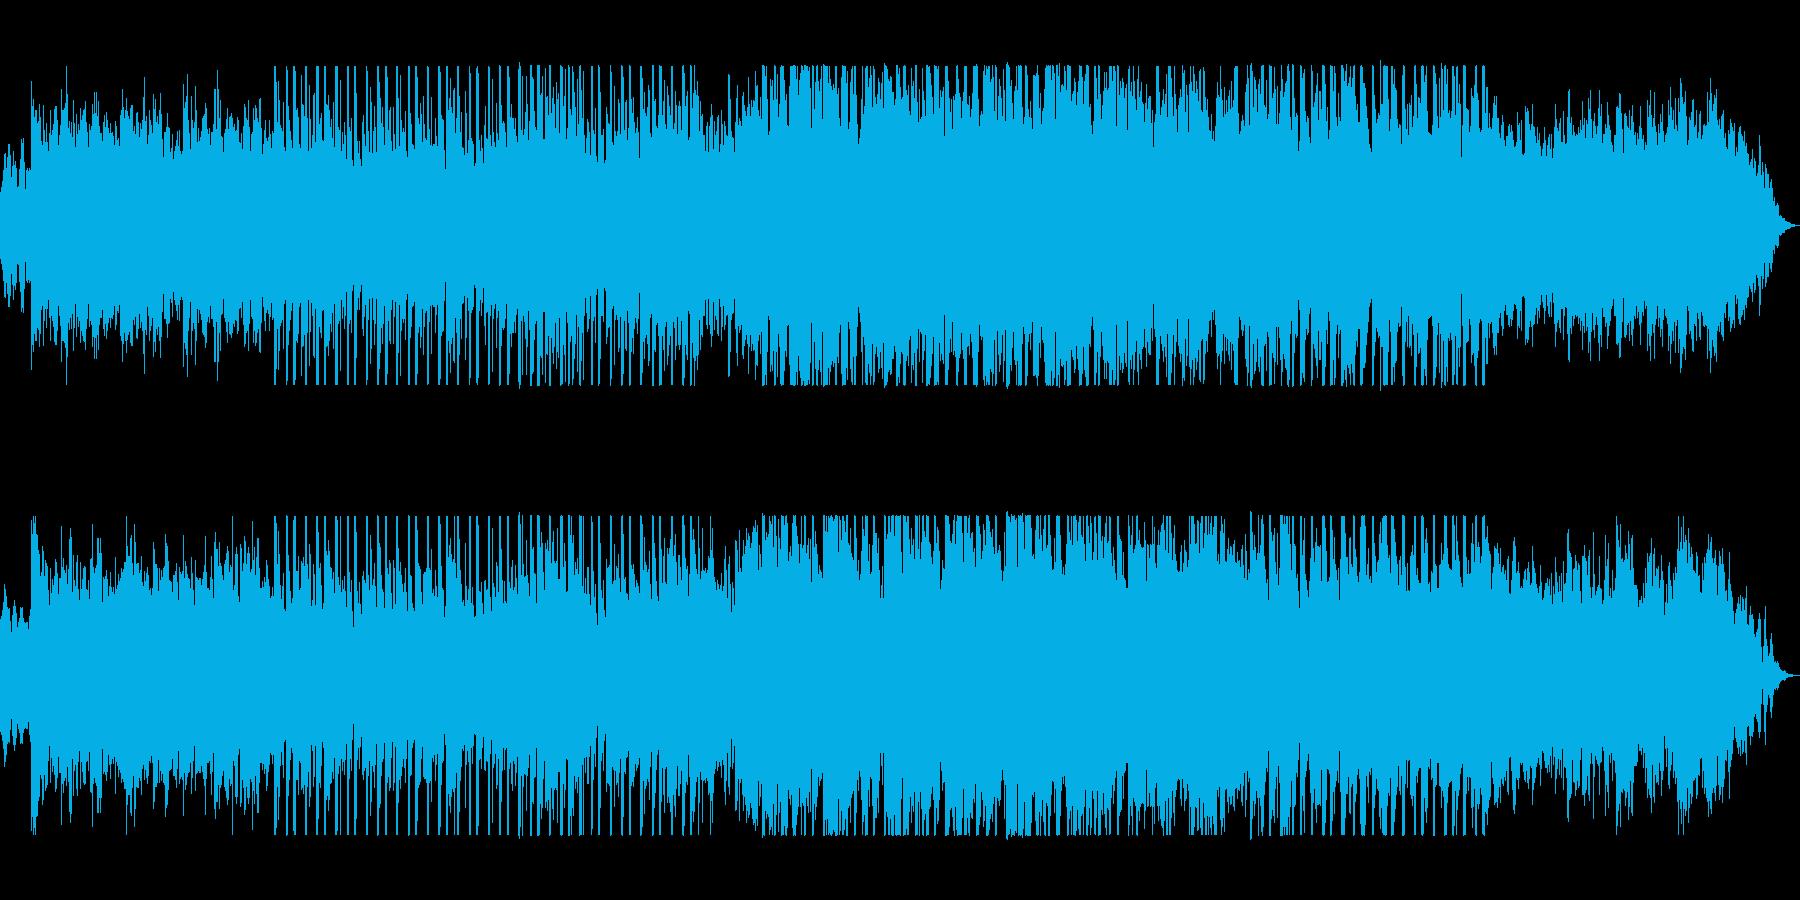 穏やかで少し切ないシンセポップスの再生済みの波形